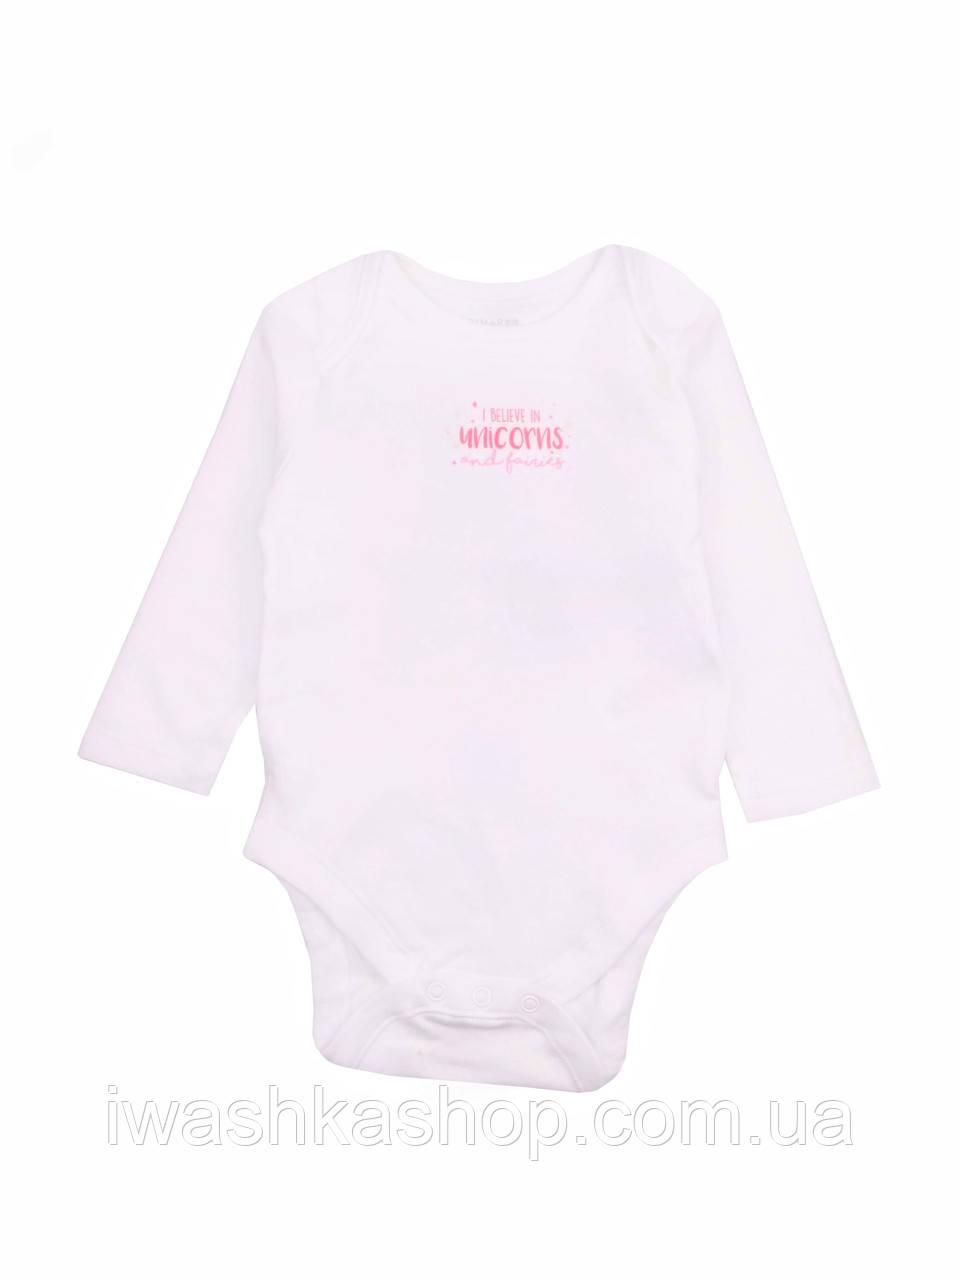 Біле боді з довгими рукавами для новонароджених дівчаток до 4,5 кг., Early days by Primark